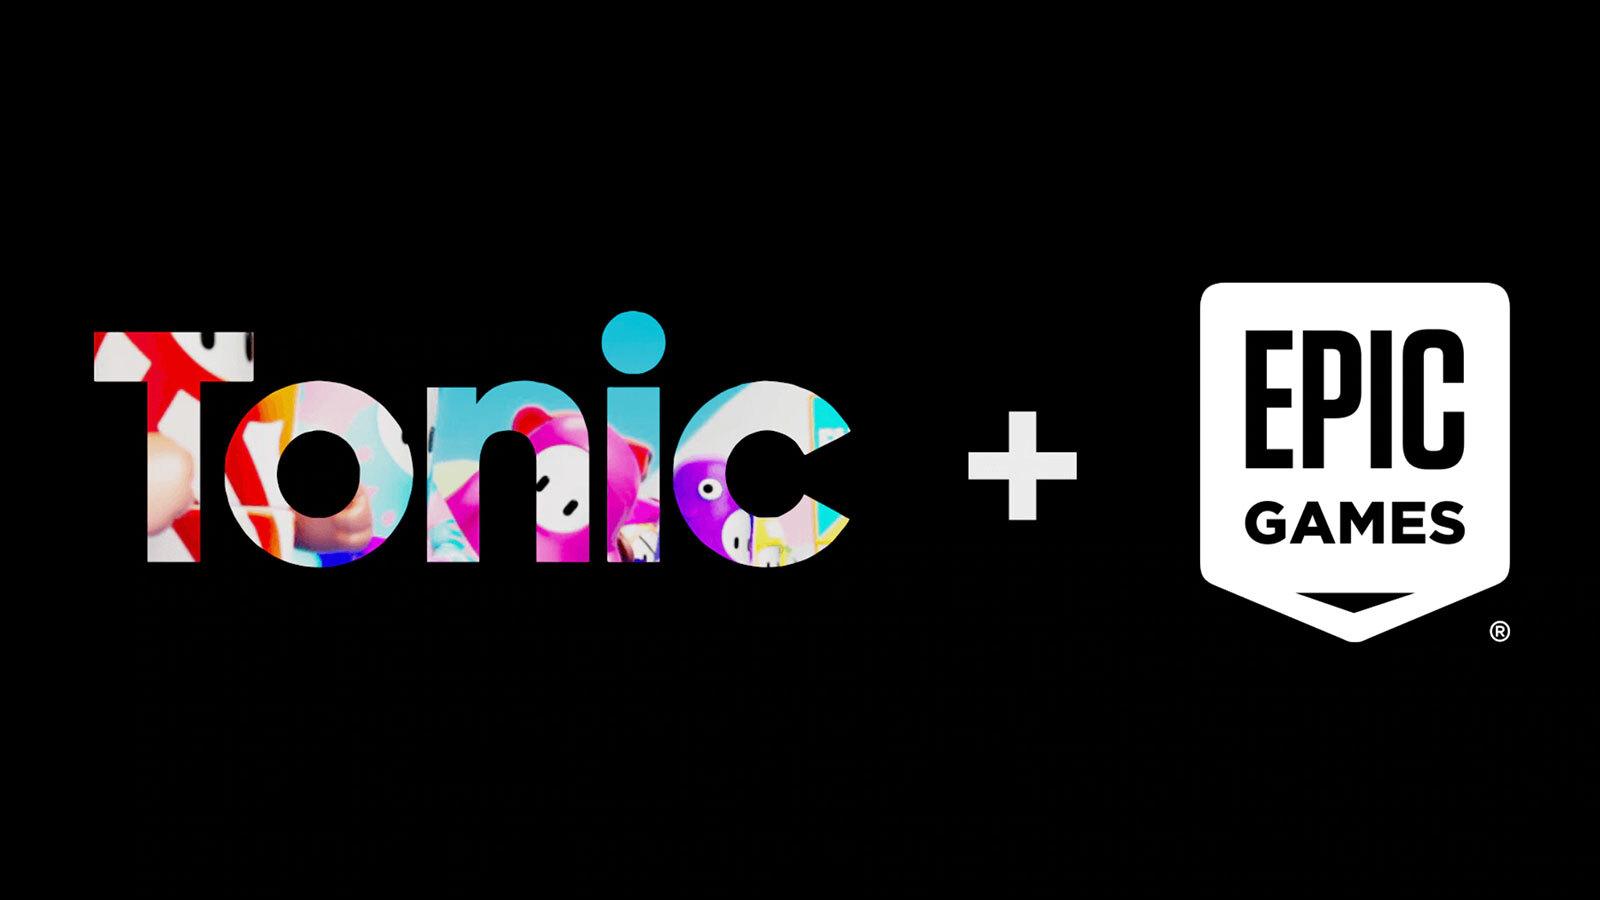 Logos de mediatonic y Epic Games